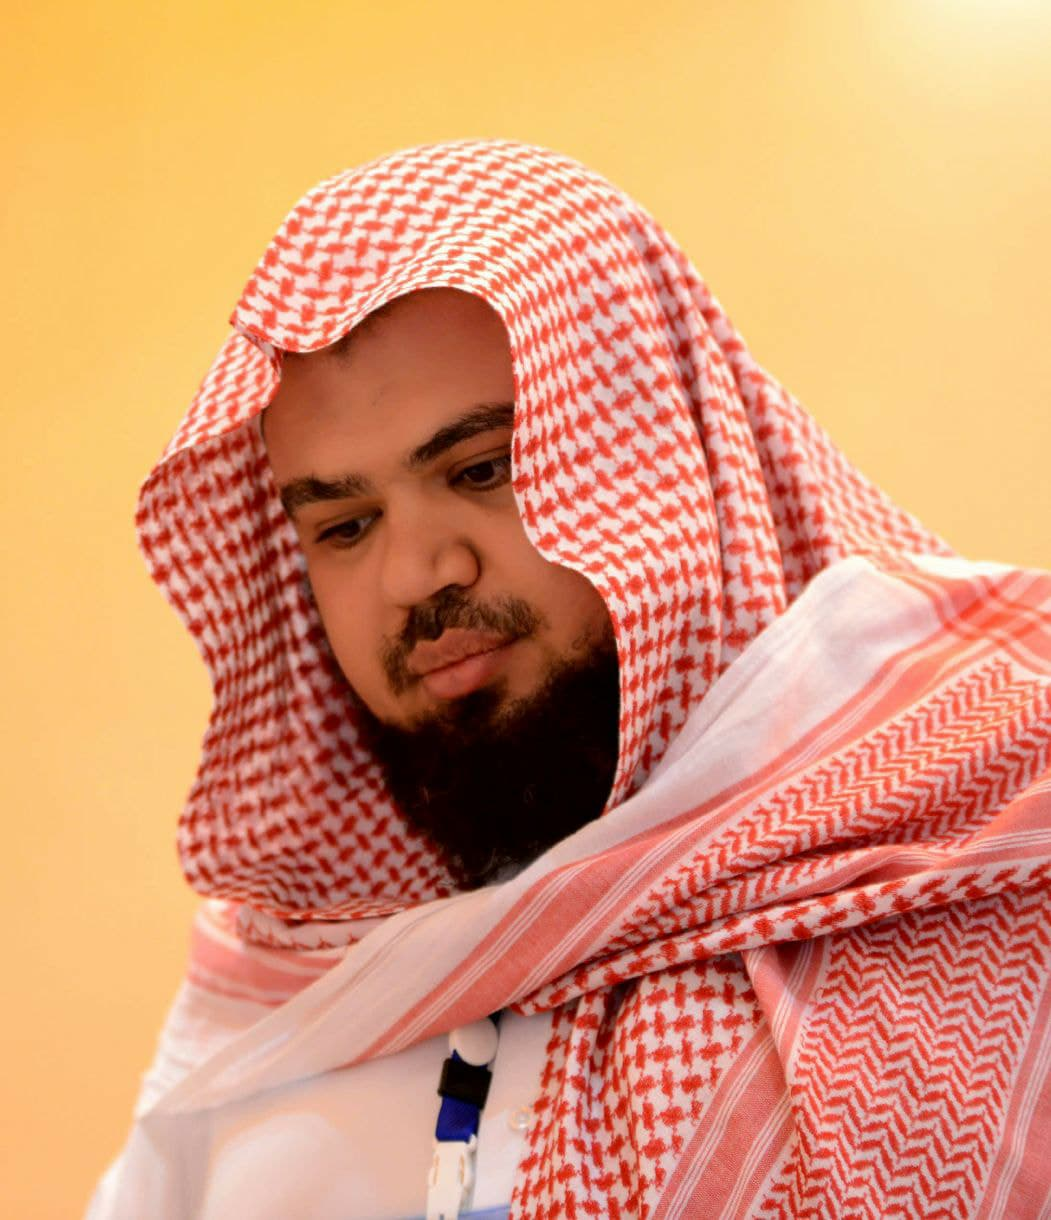 أحمد سيد عبد التواب محمد